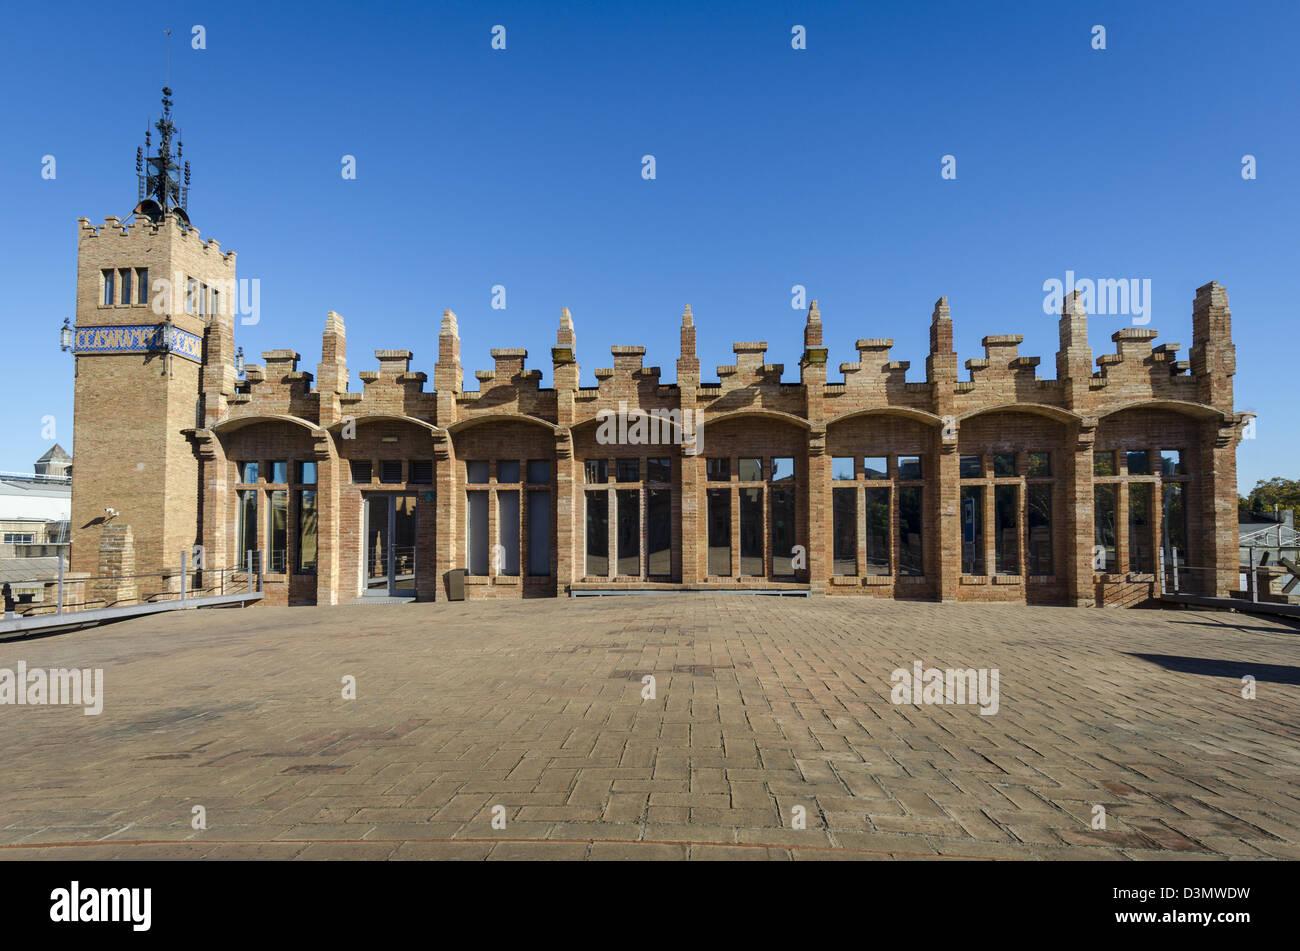 CaixaForum. Modernista Casamarona textile factory by Josep Puig i Cadafalch - Stock Image